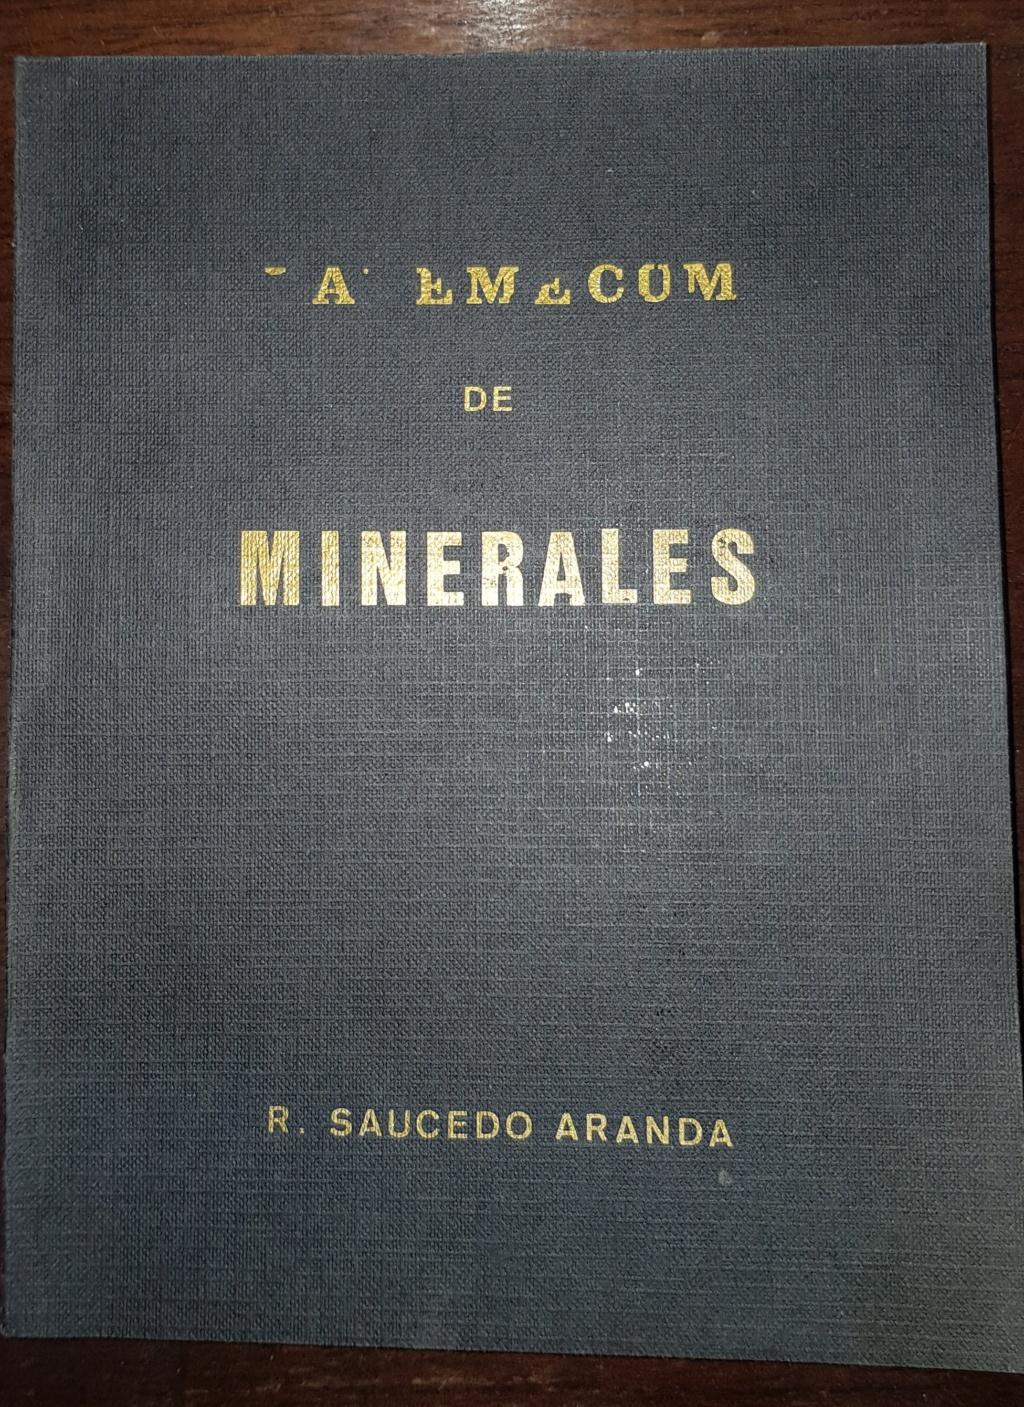 LIBRO DE MINERALES 20190611